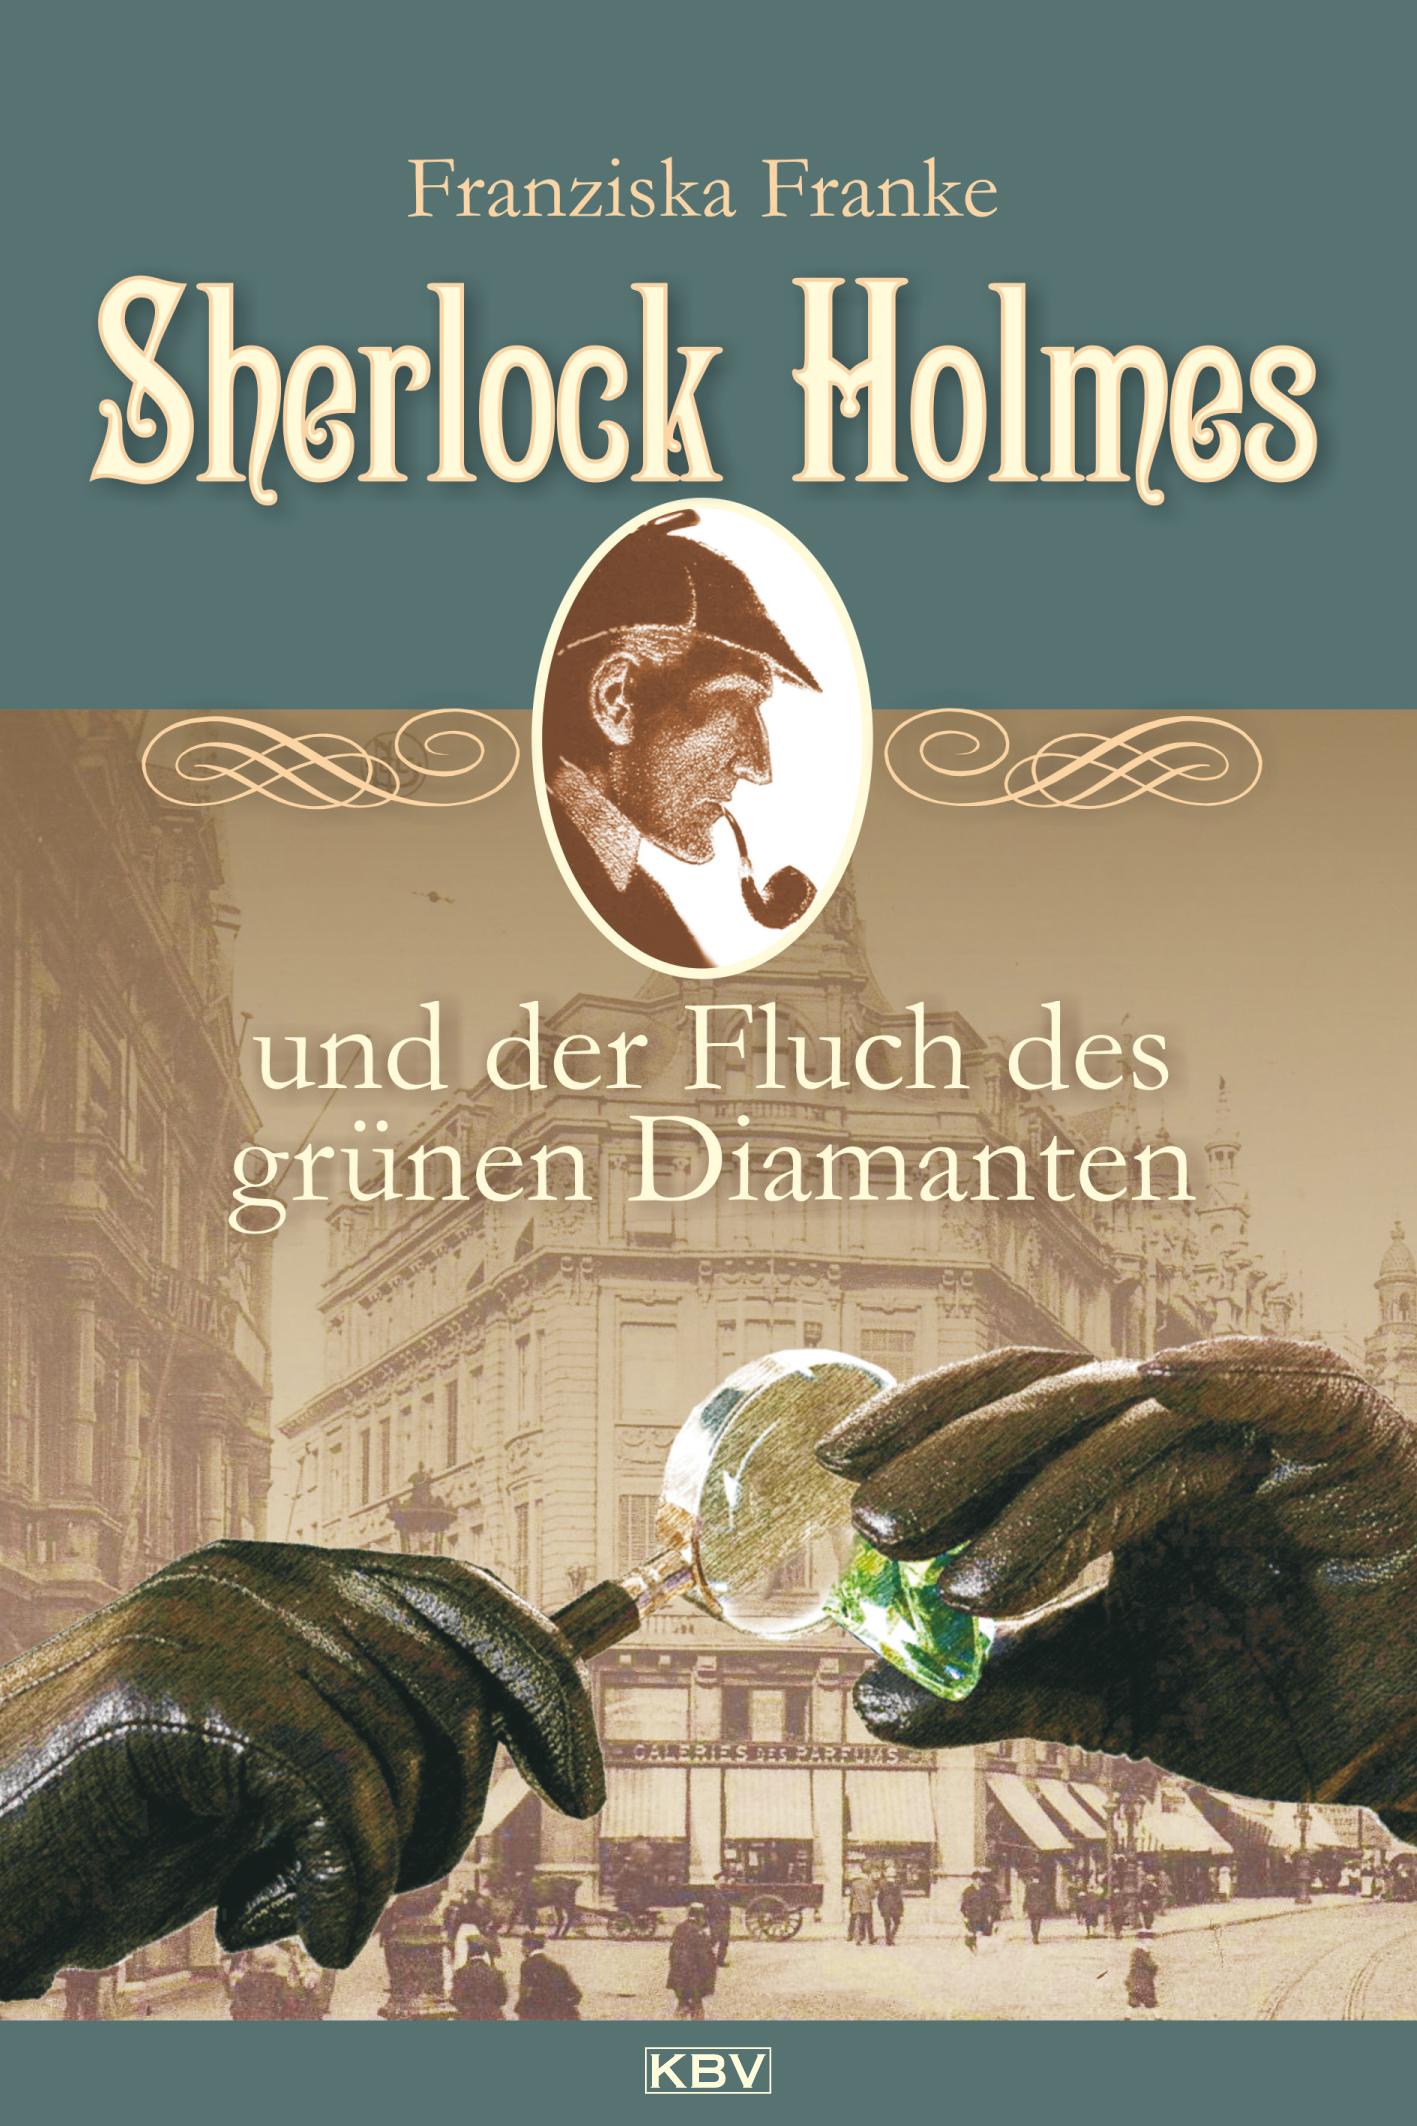 Franziska Franke Sherlock Holmes und der Fluch des grünen Diamanten